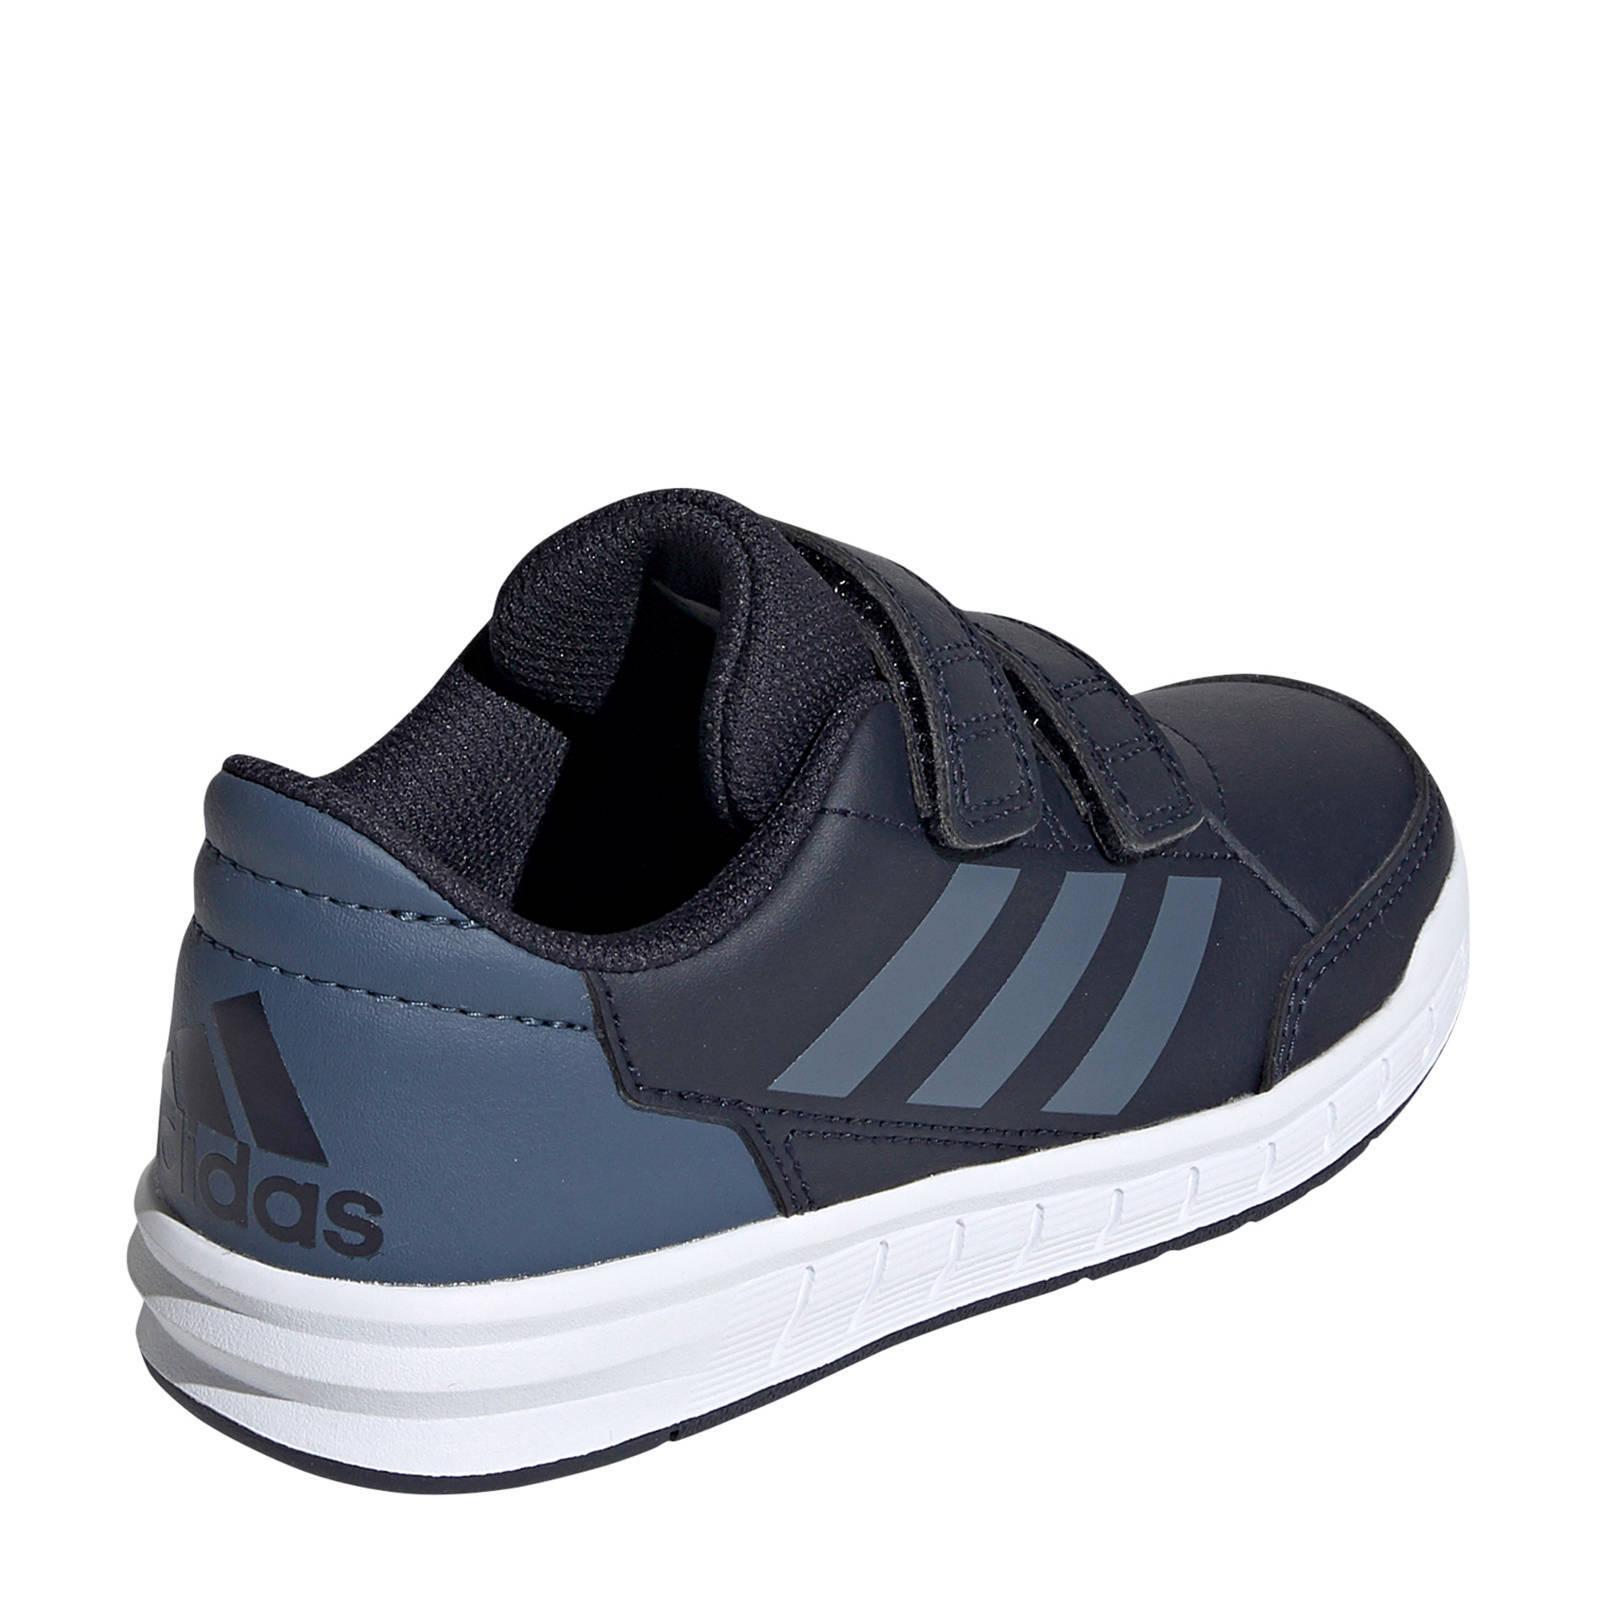 AltaSport CF K sportschoenen grijsblauw kids